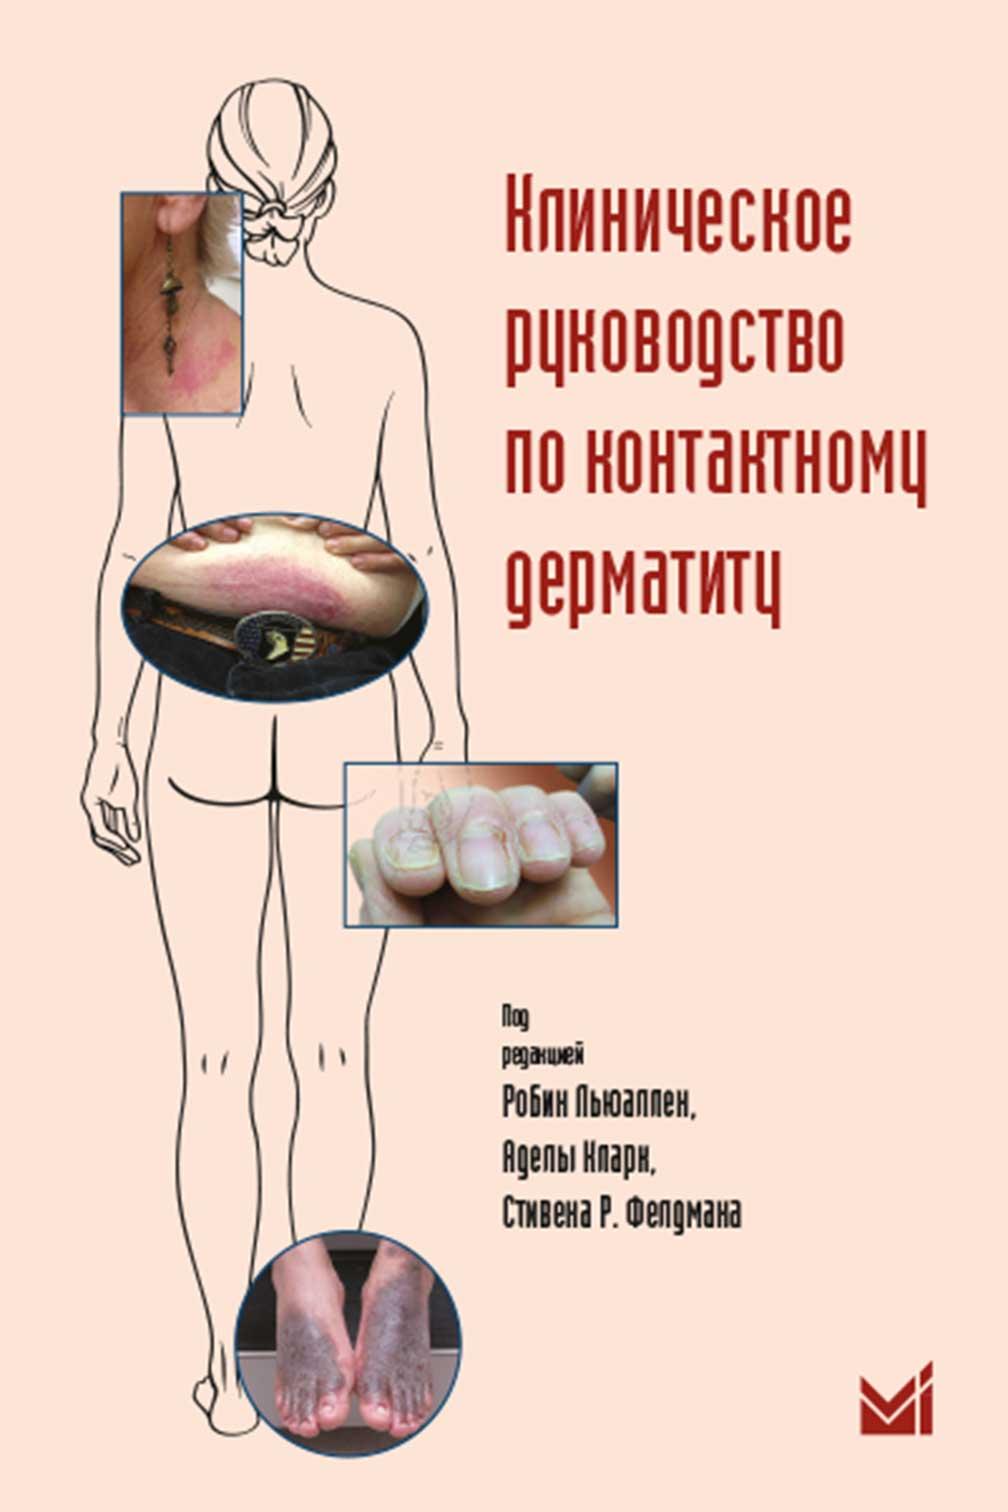 Клиническое руководство по контактному дерматиту